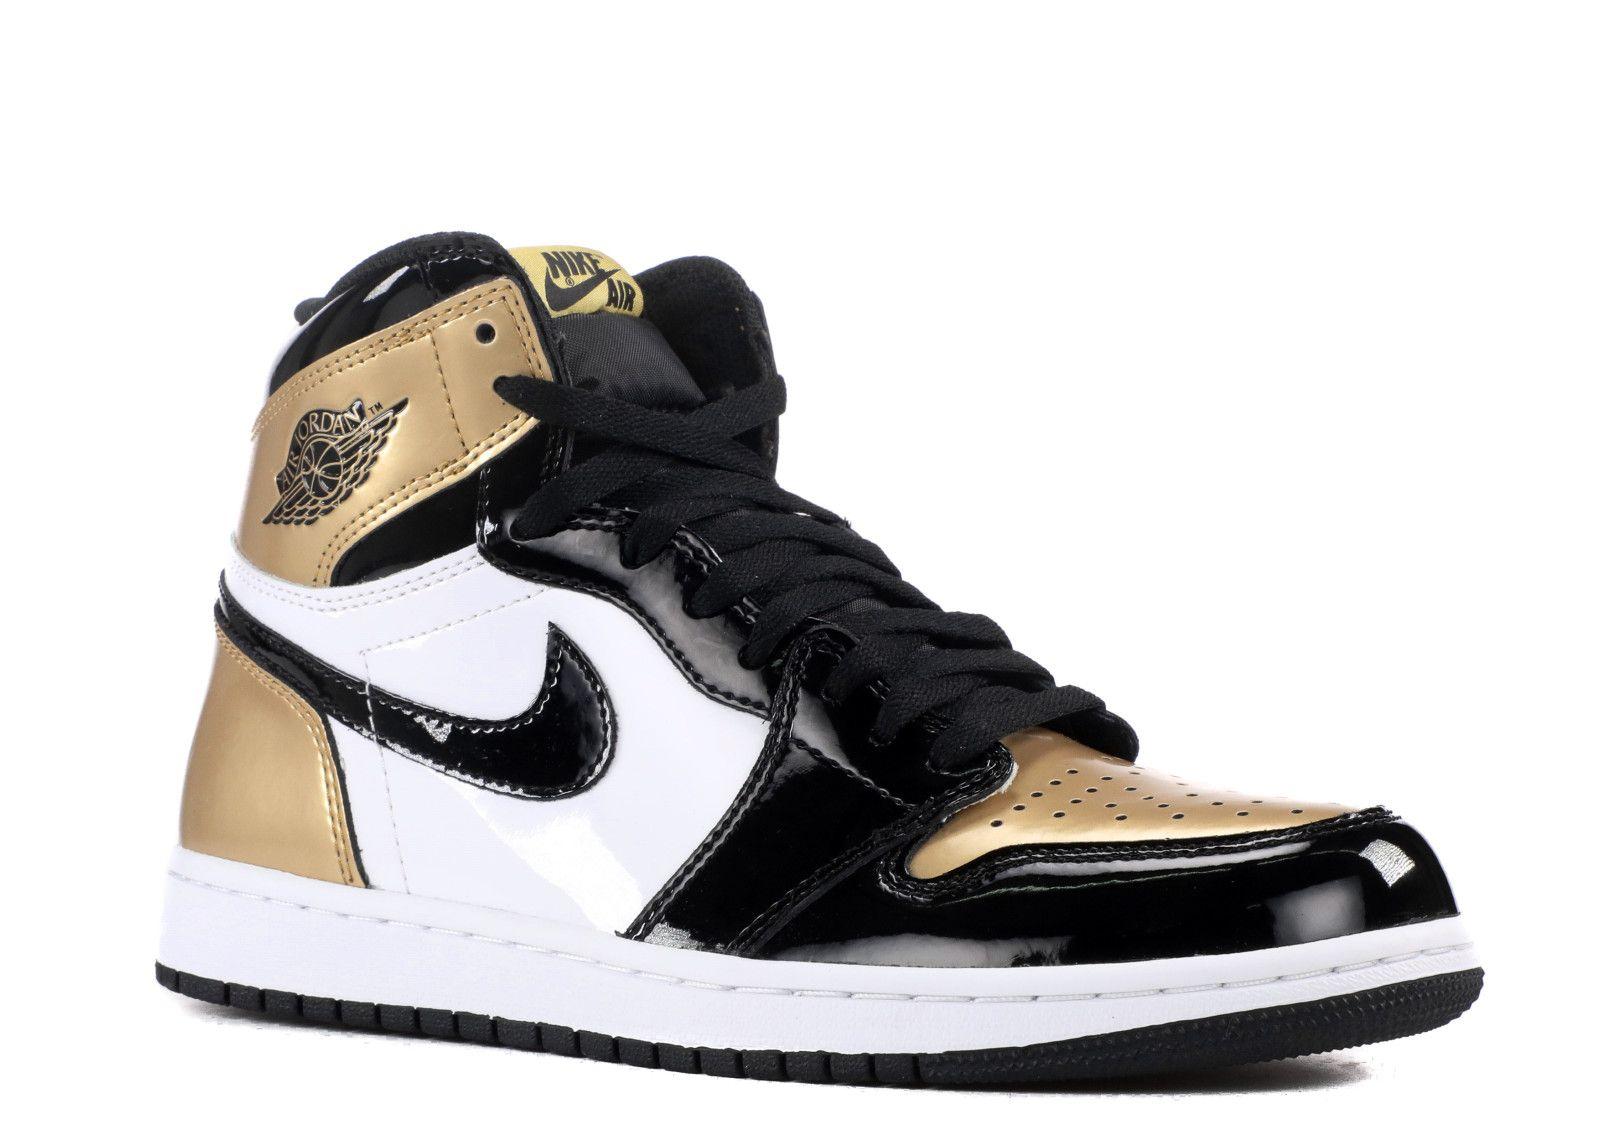 Air Jordan 1 Retro High Og Nrg Gold Top 3 Air Jordans Jordan